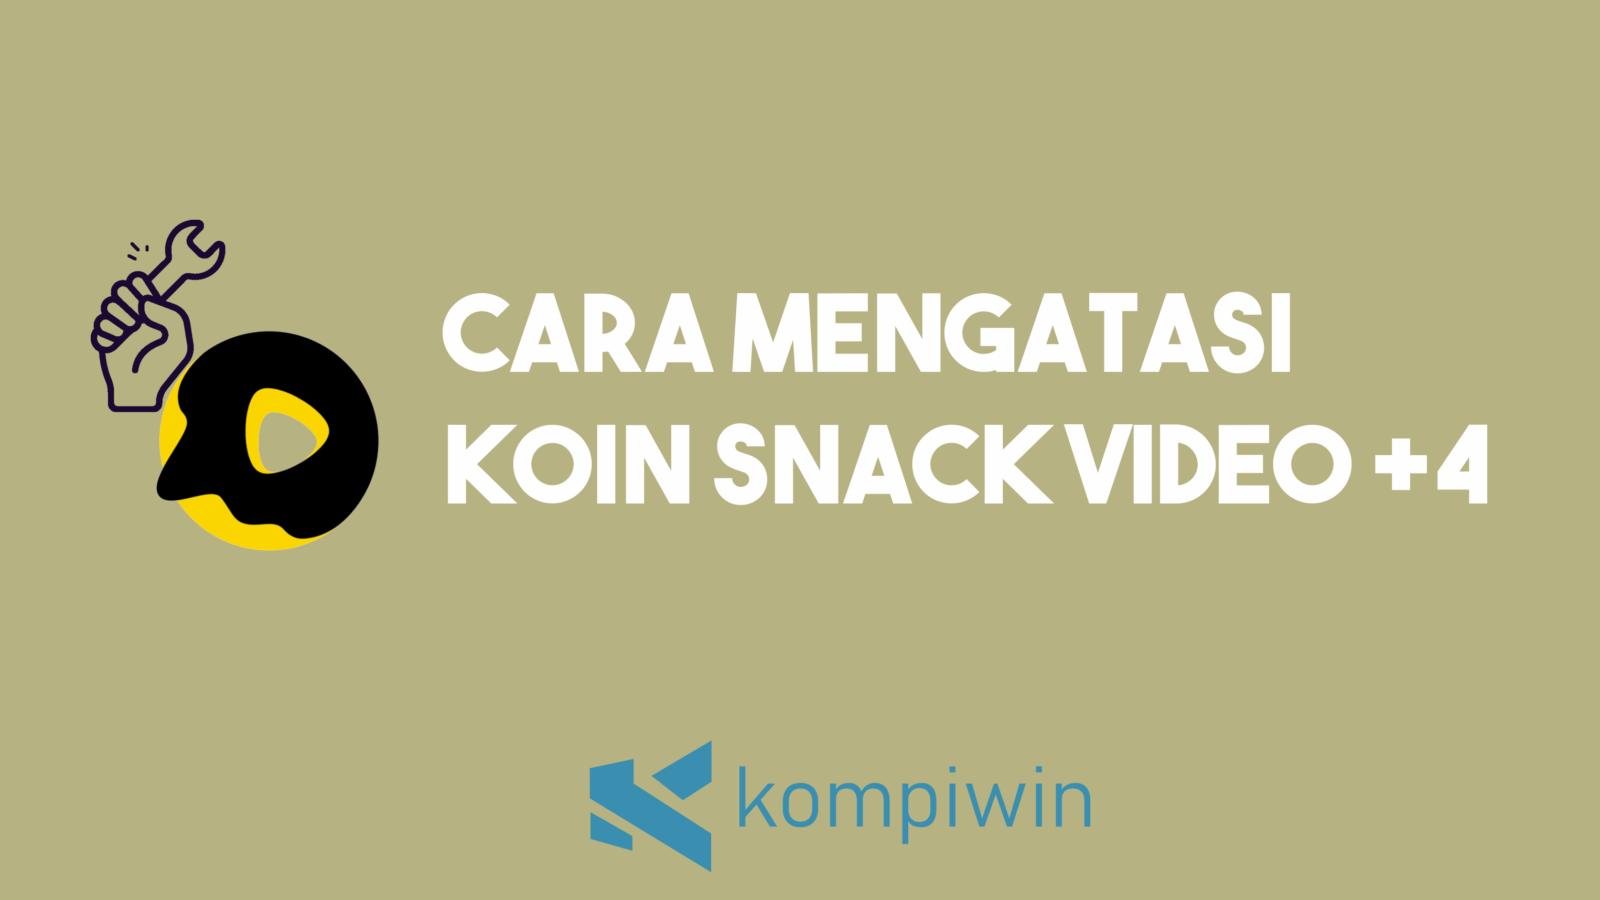 Cara Mengatasi Koin Snack Video +4 7